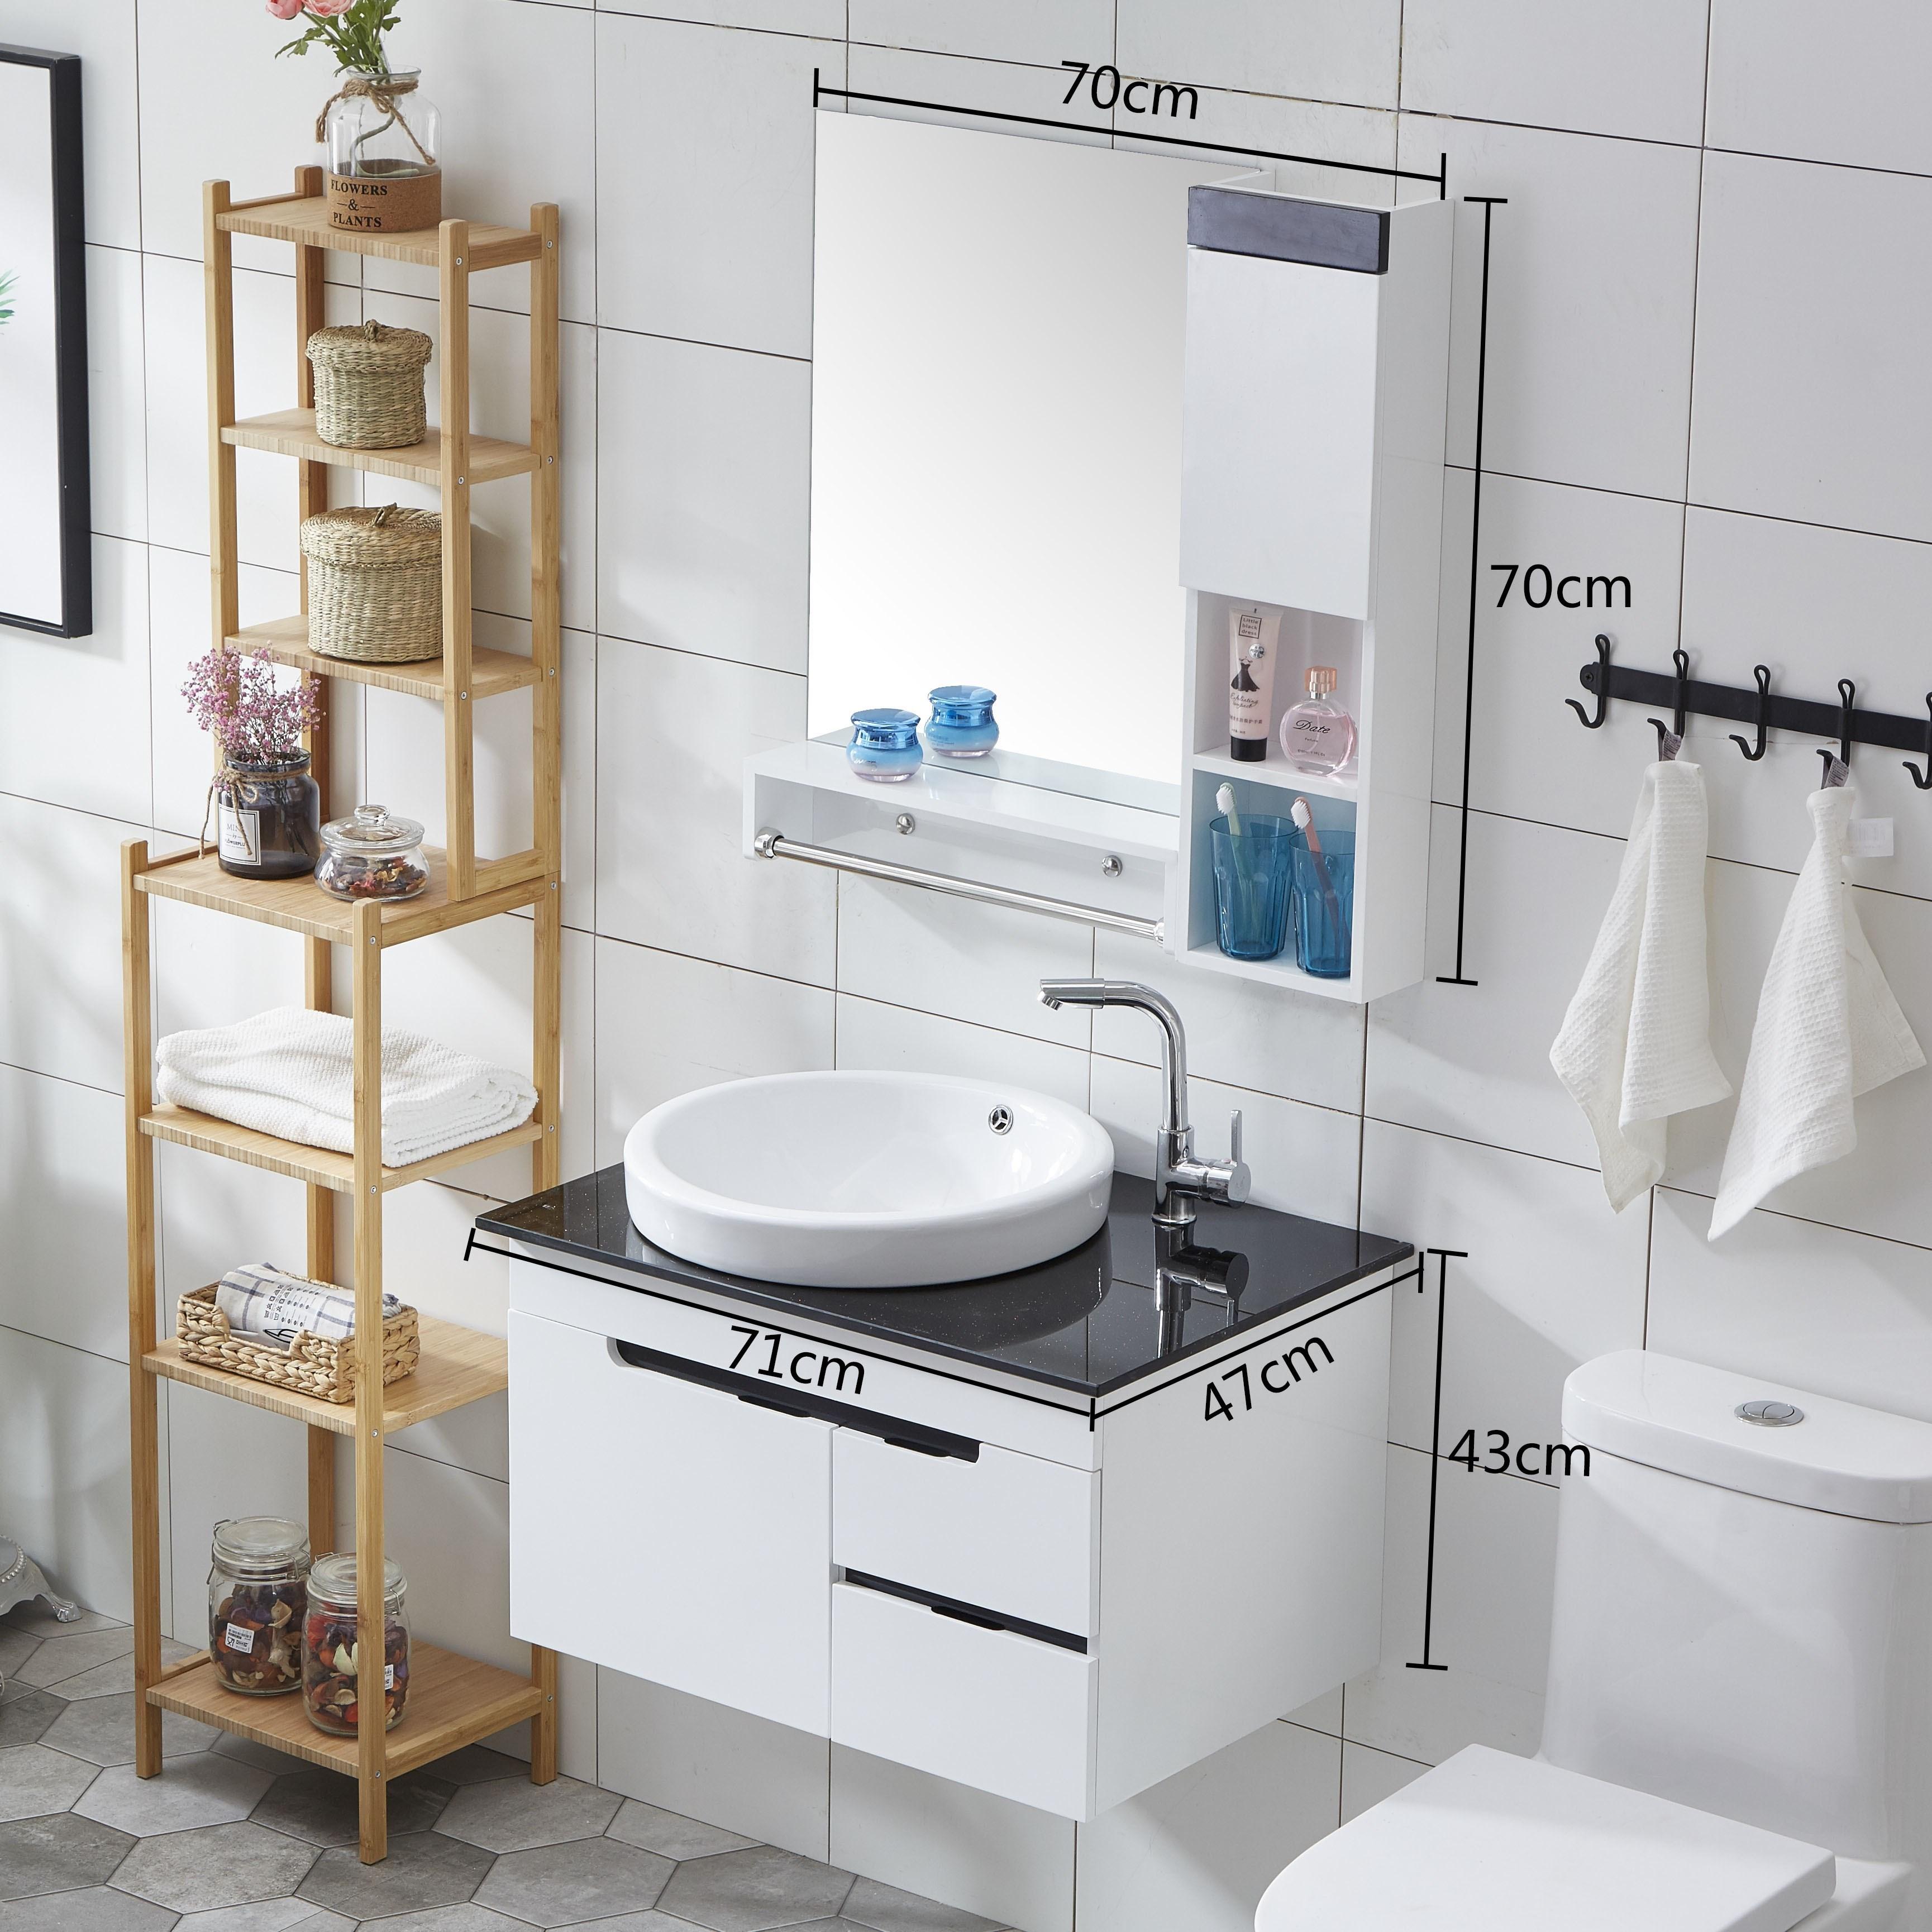 2019简约pvc厕所组合镜柜洗浴室柜热销0件限时抢购